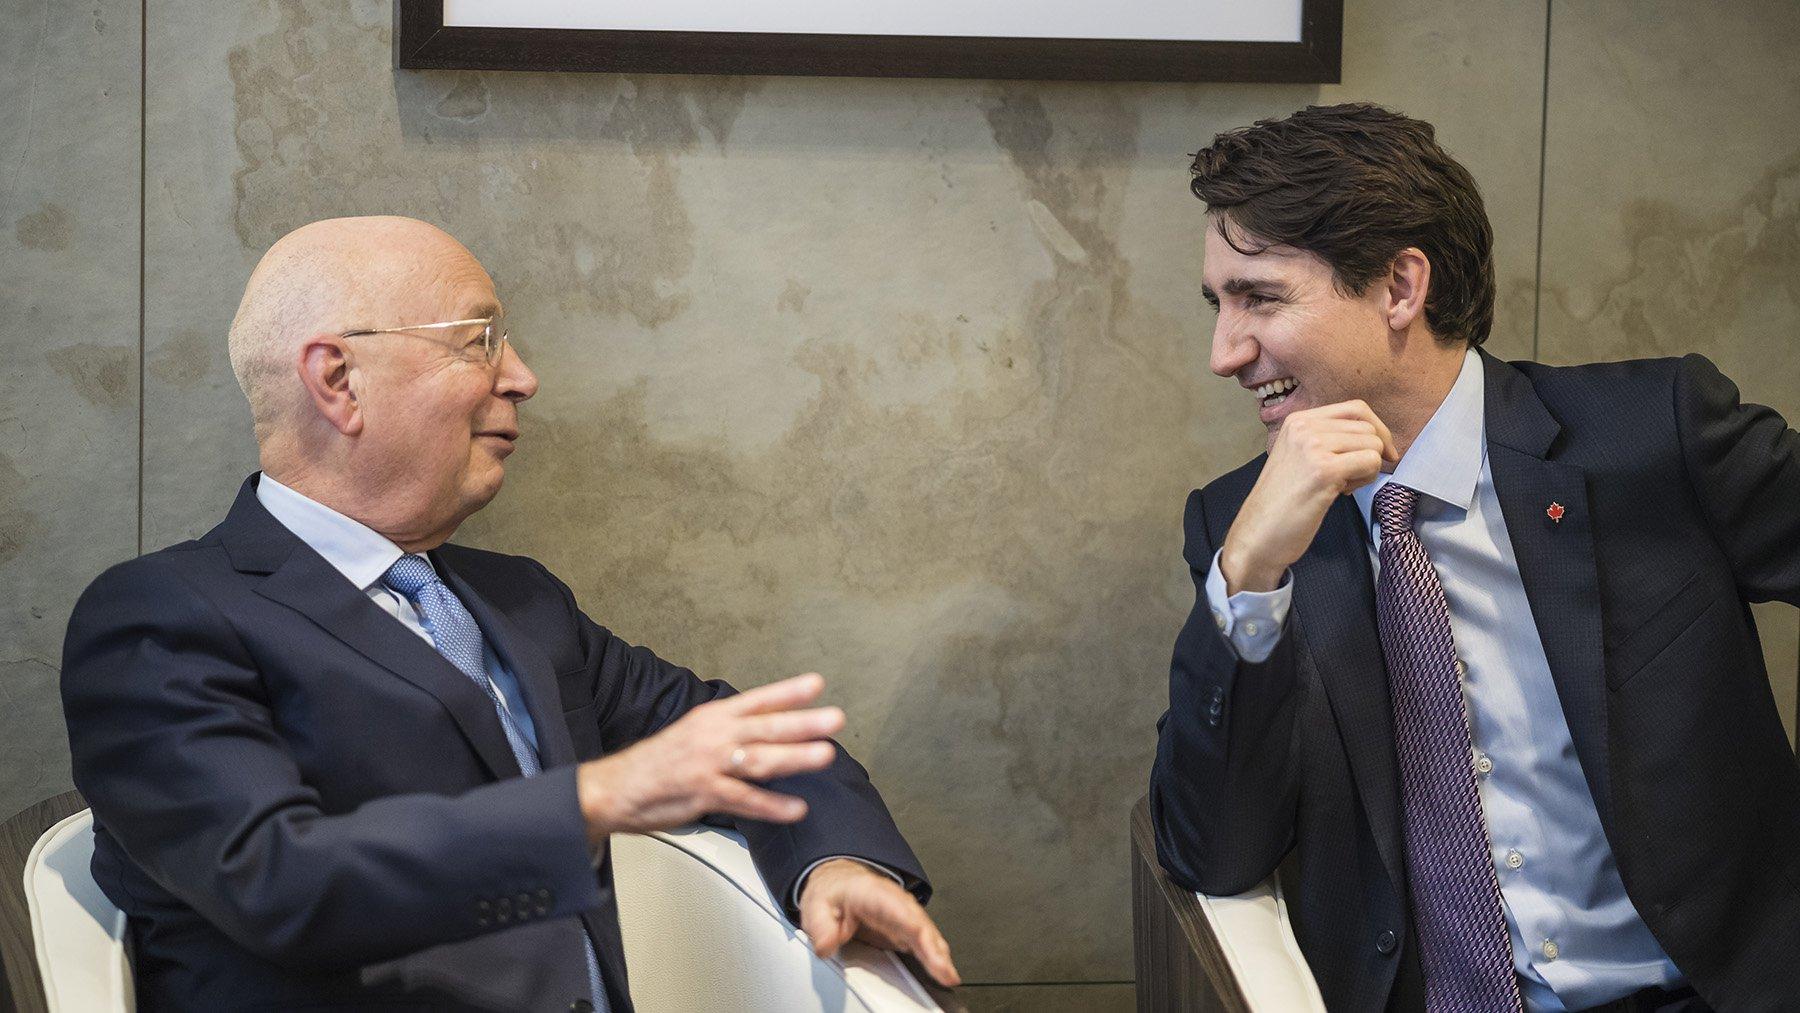 Kanada: Trudeau ruft pünktlich zu den Wahlen am 20. September auf